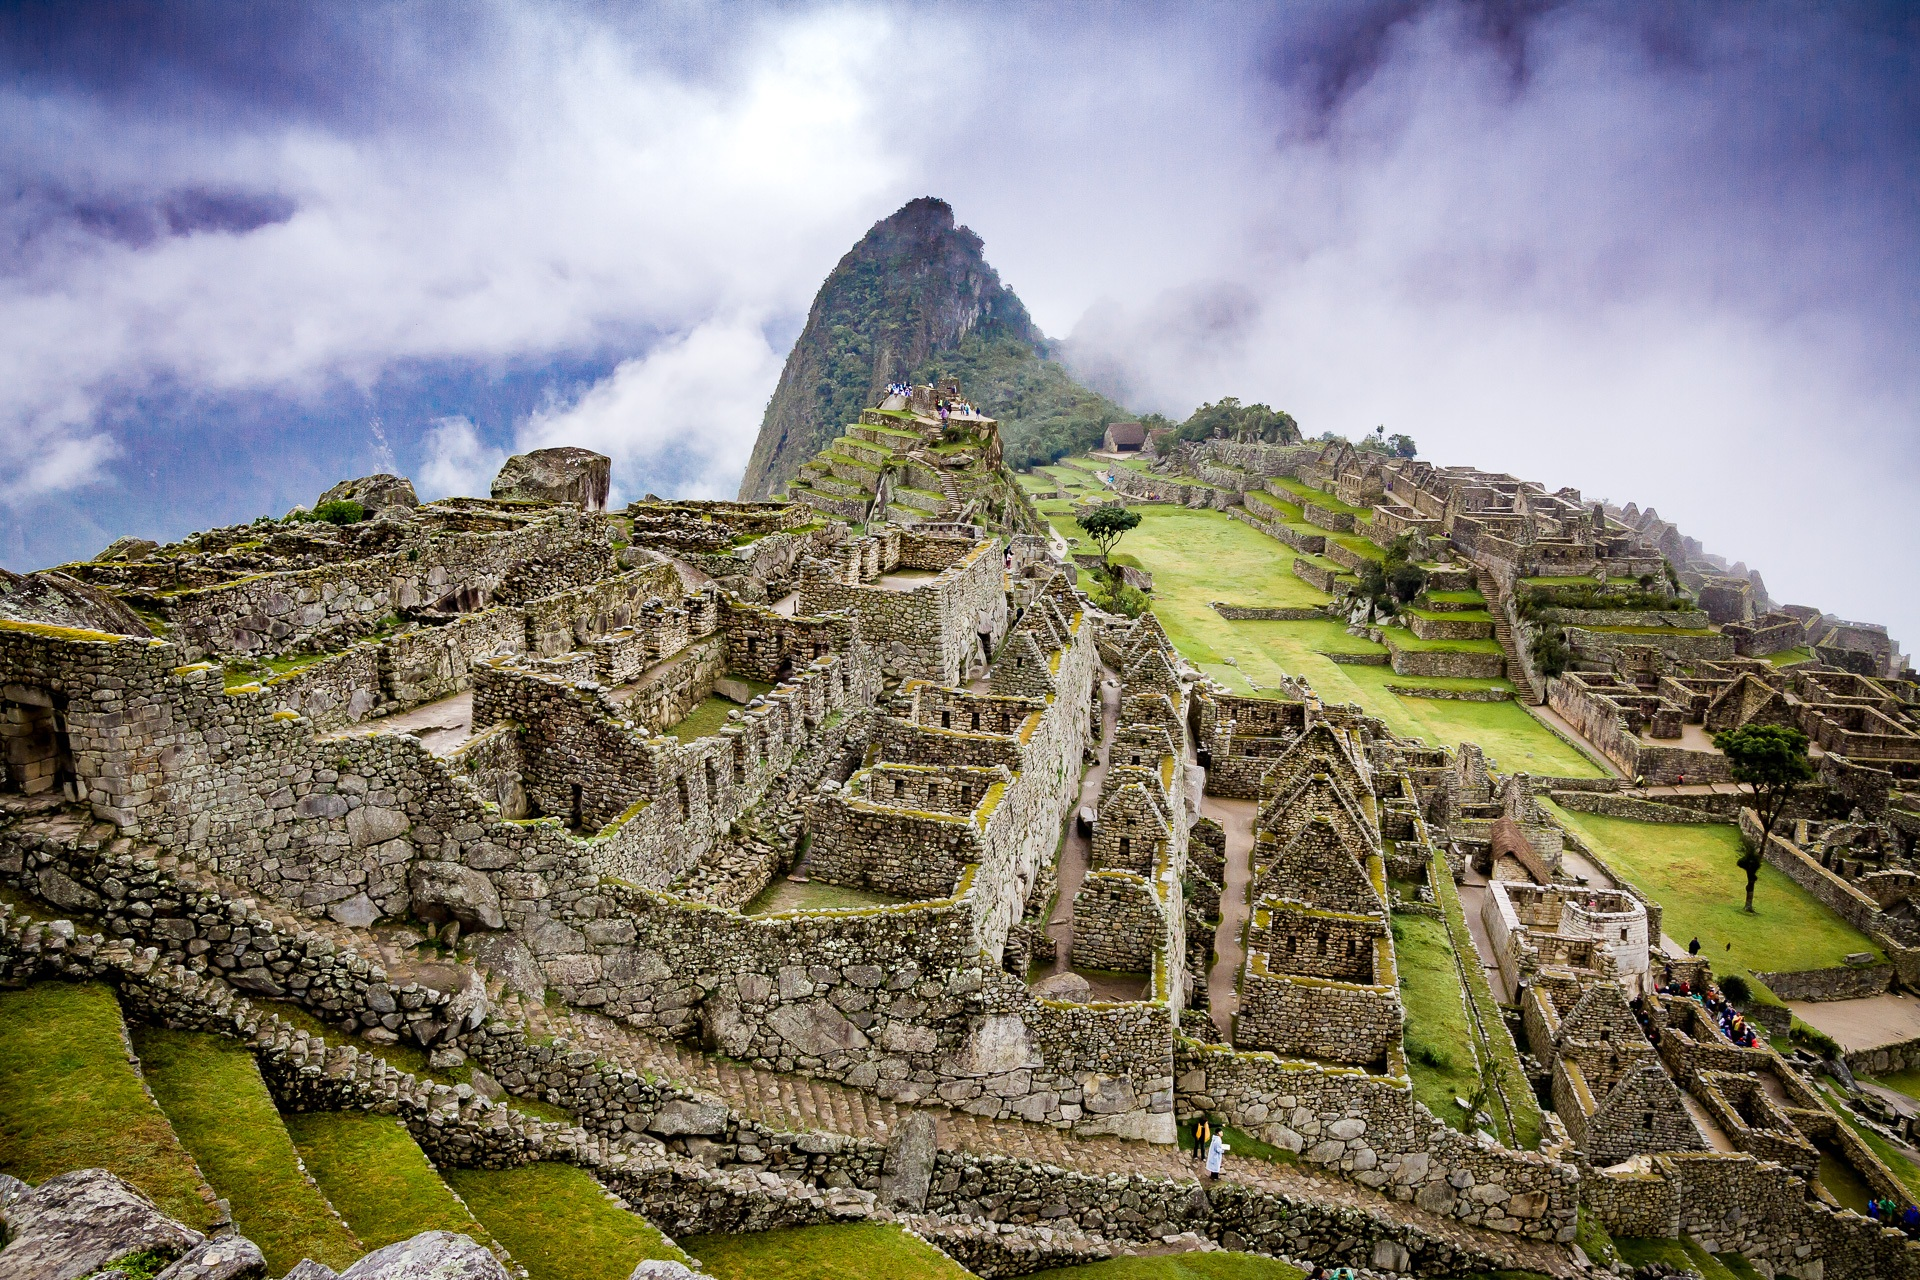 Machu_Picchu_Inertianetwork_Travel_Peru_Adventure